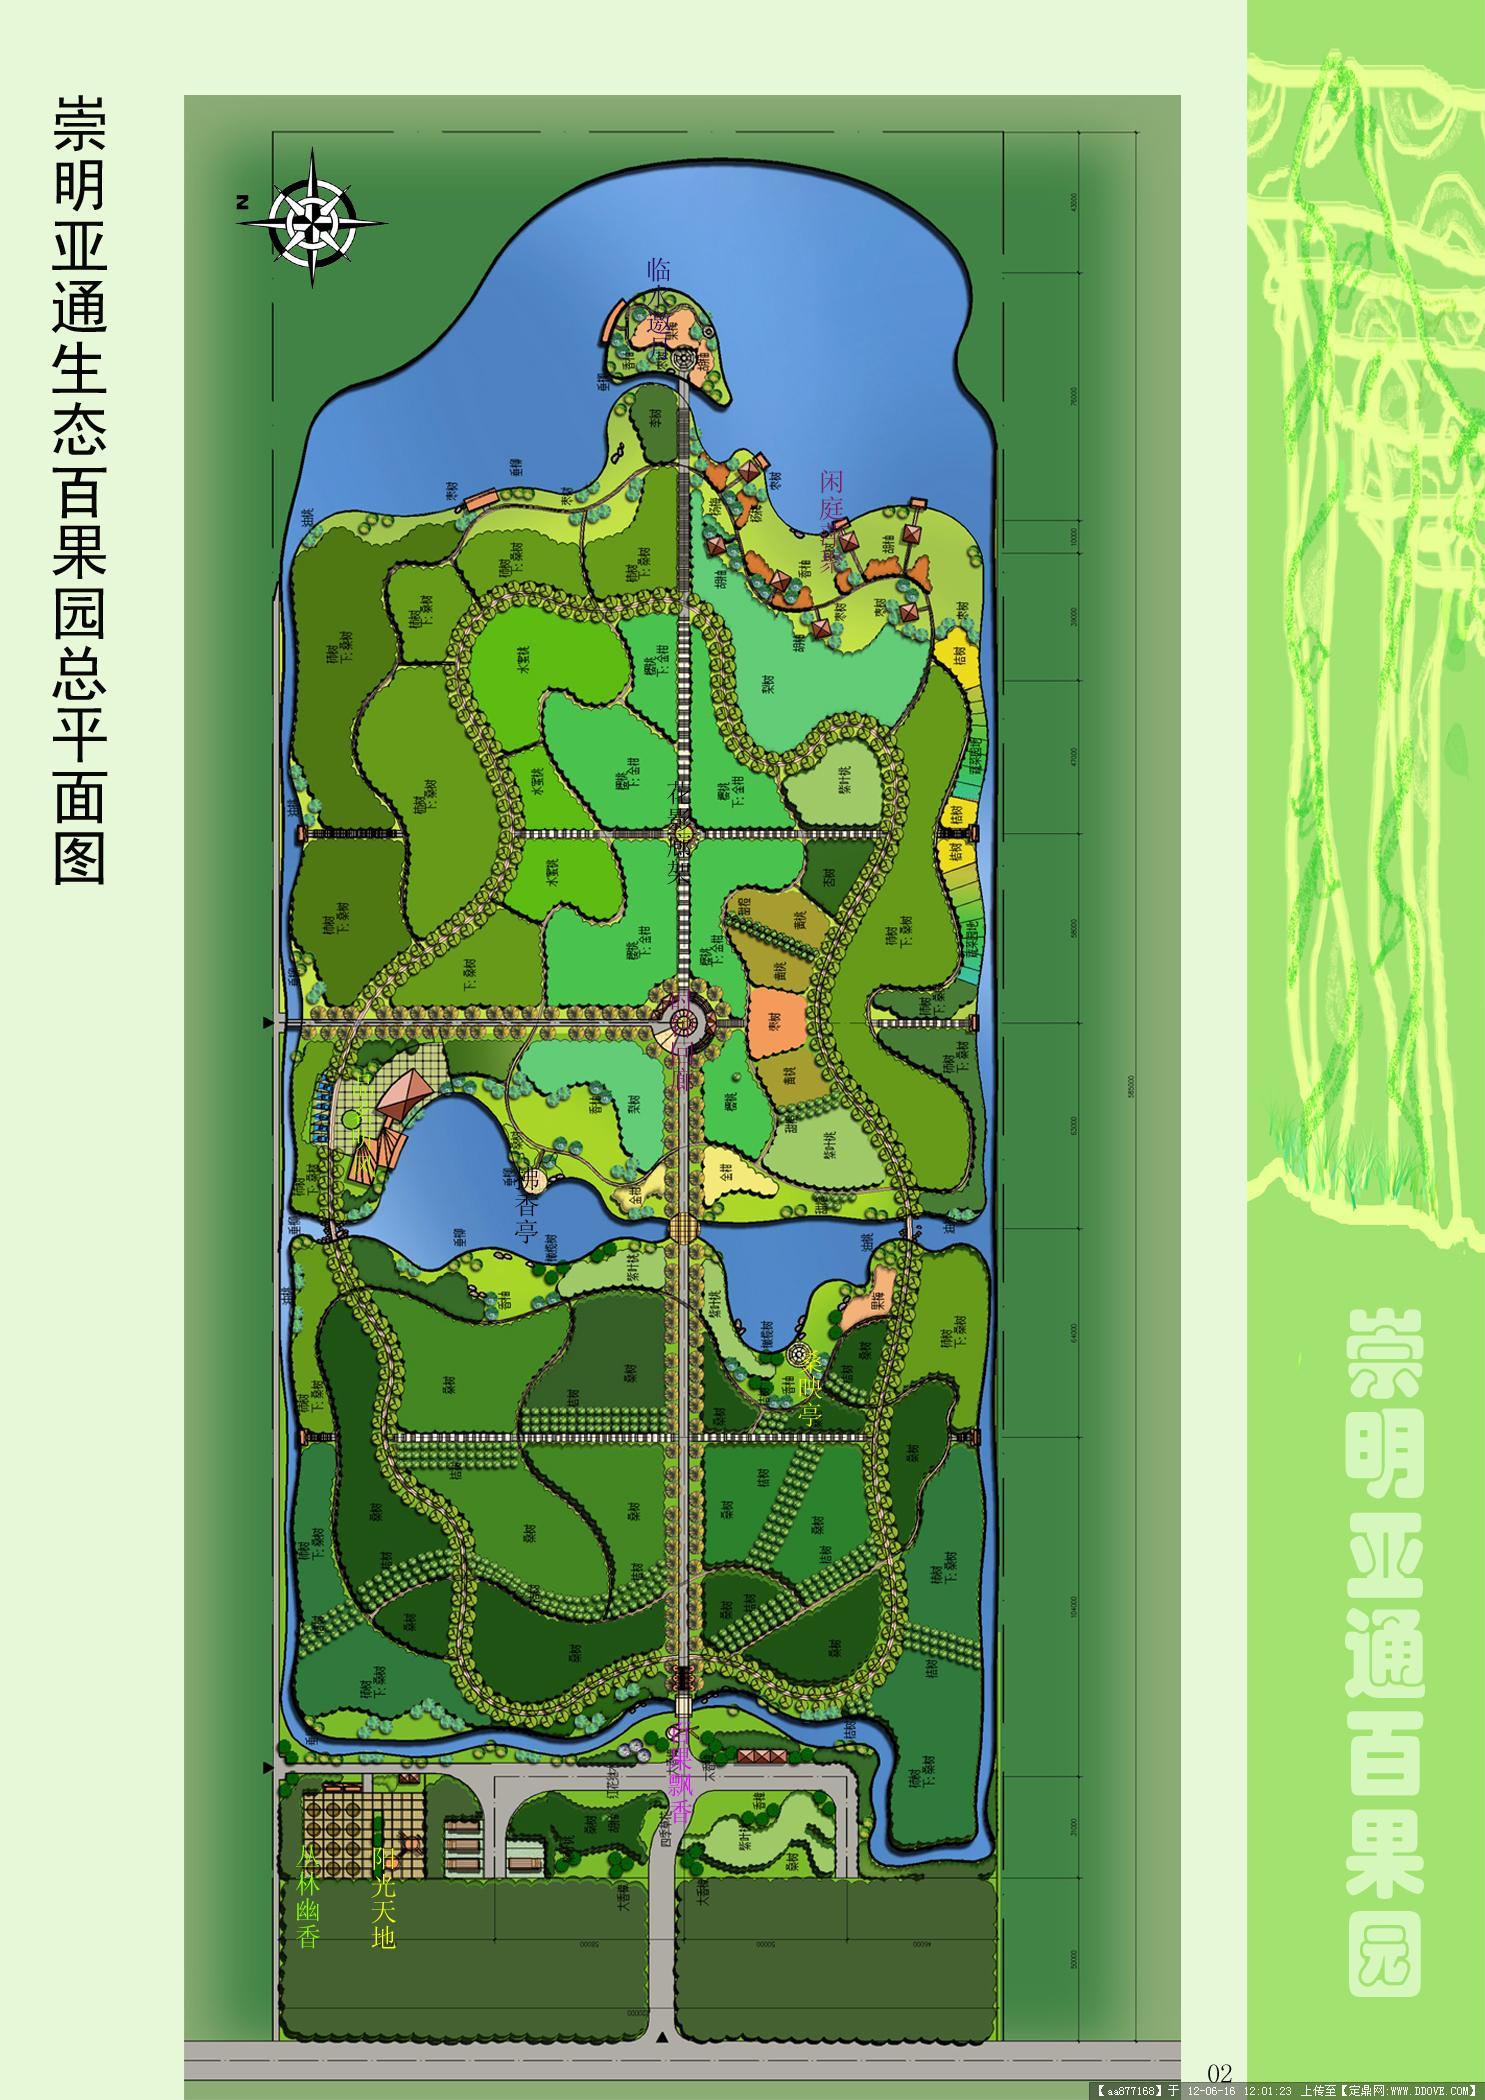 苏州园林平面图的图片浏览